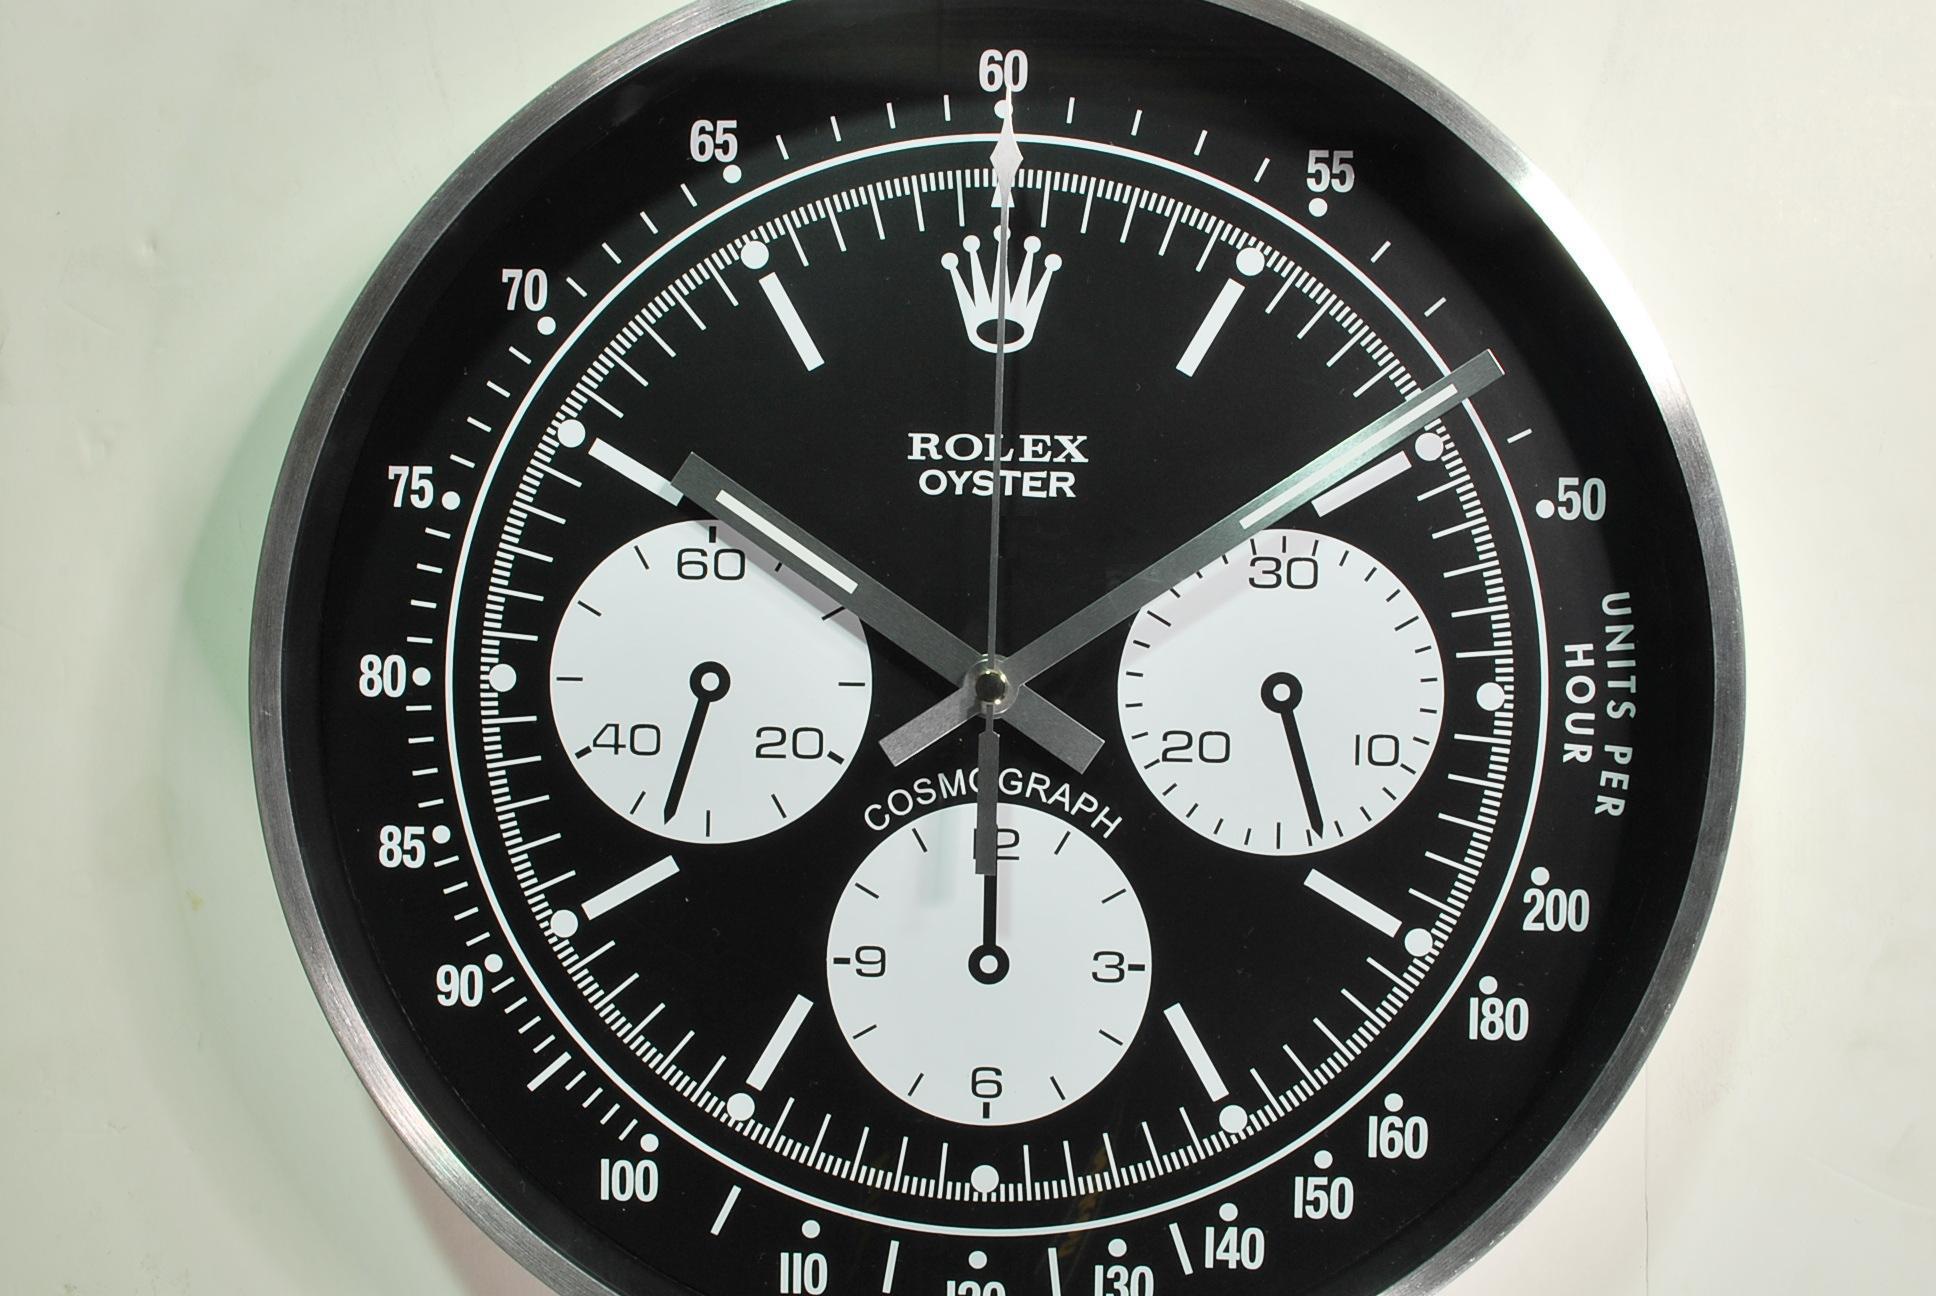 Daytona wall clock 6263 rolexdaytona62391 amipublicfo Gallery